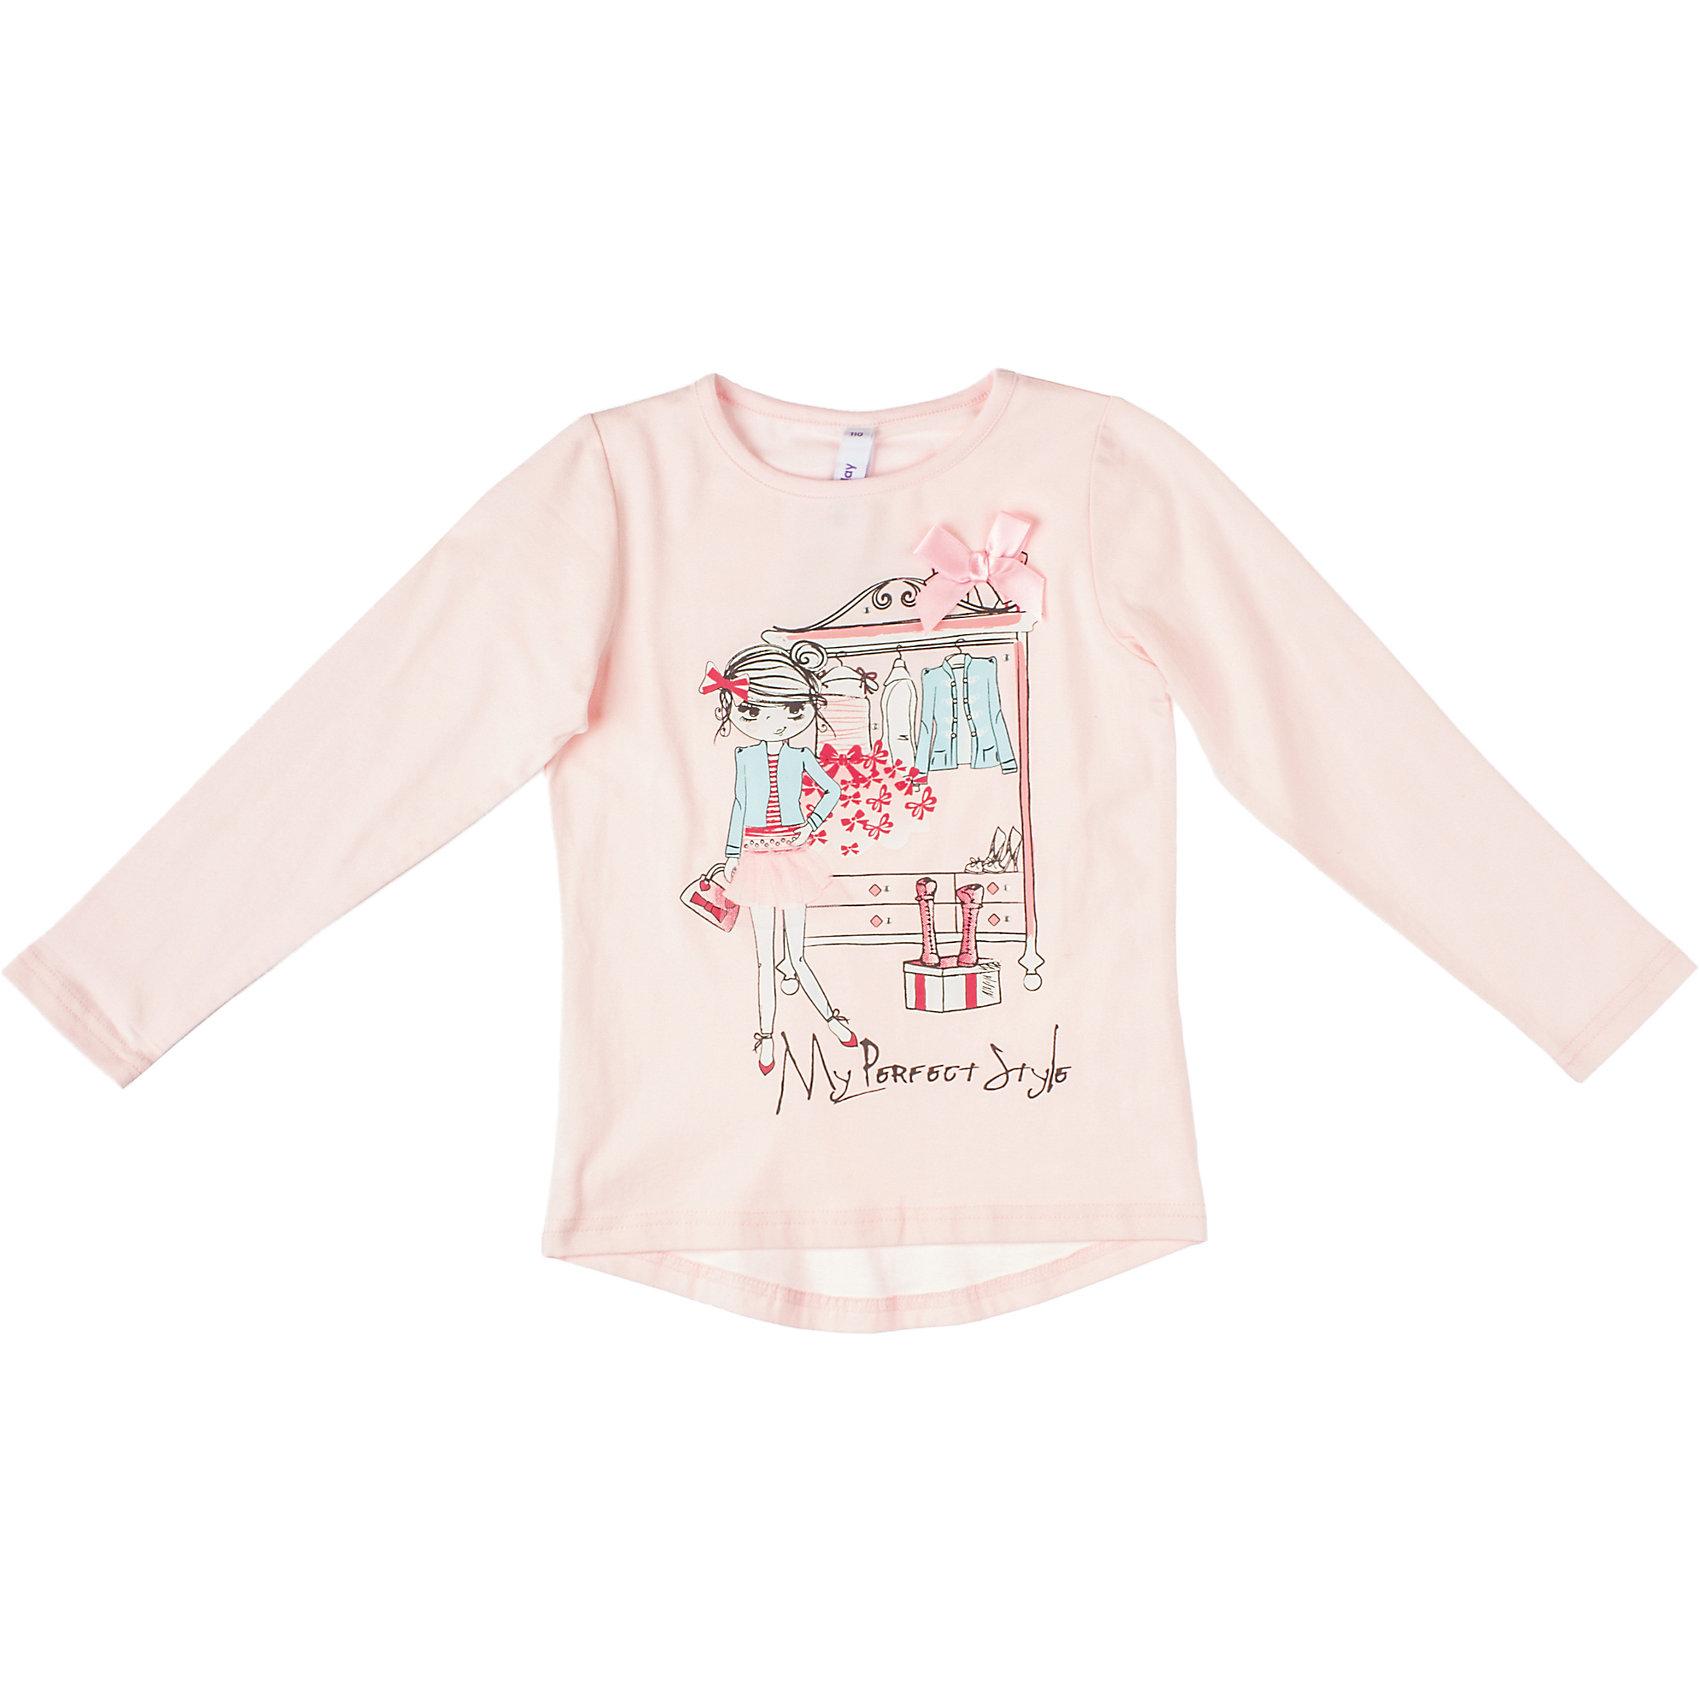 Футболка с длинным рукавом для девочки PlayTodayФутболка для девочки PlayToday Красивая хлопковая футболка с длинными рукавами. Украшена объемной аппликацией и стразами. Состав: 95% хлопок, 5% эластан<br><br>Ширина мм: 199<br>Глубина мм: 10<br>Высота мм: 161<br>Вес г: 151<br>Цвет: розовый<br>Возраст от месяцев: 48<br>Возраст до месяцев: 60<br>Пол: Женский<br>Возраст: Детский<br>Размер: 110,116,104,98,122,128<br>SKU: 4228709